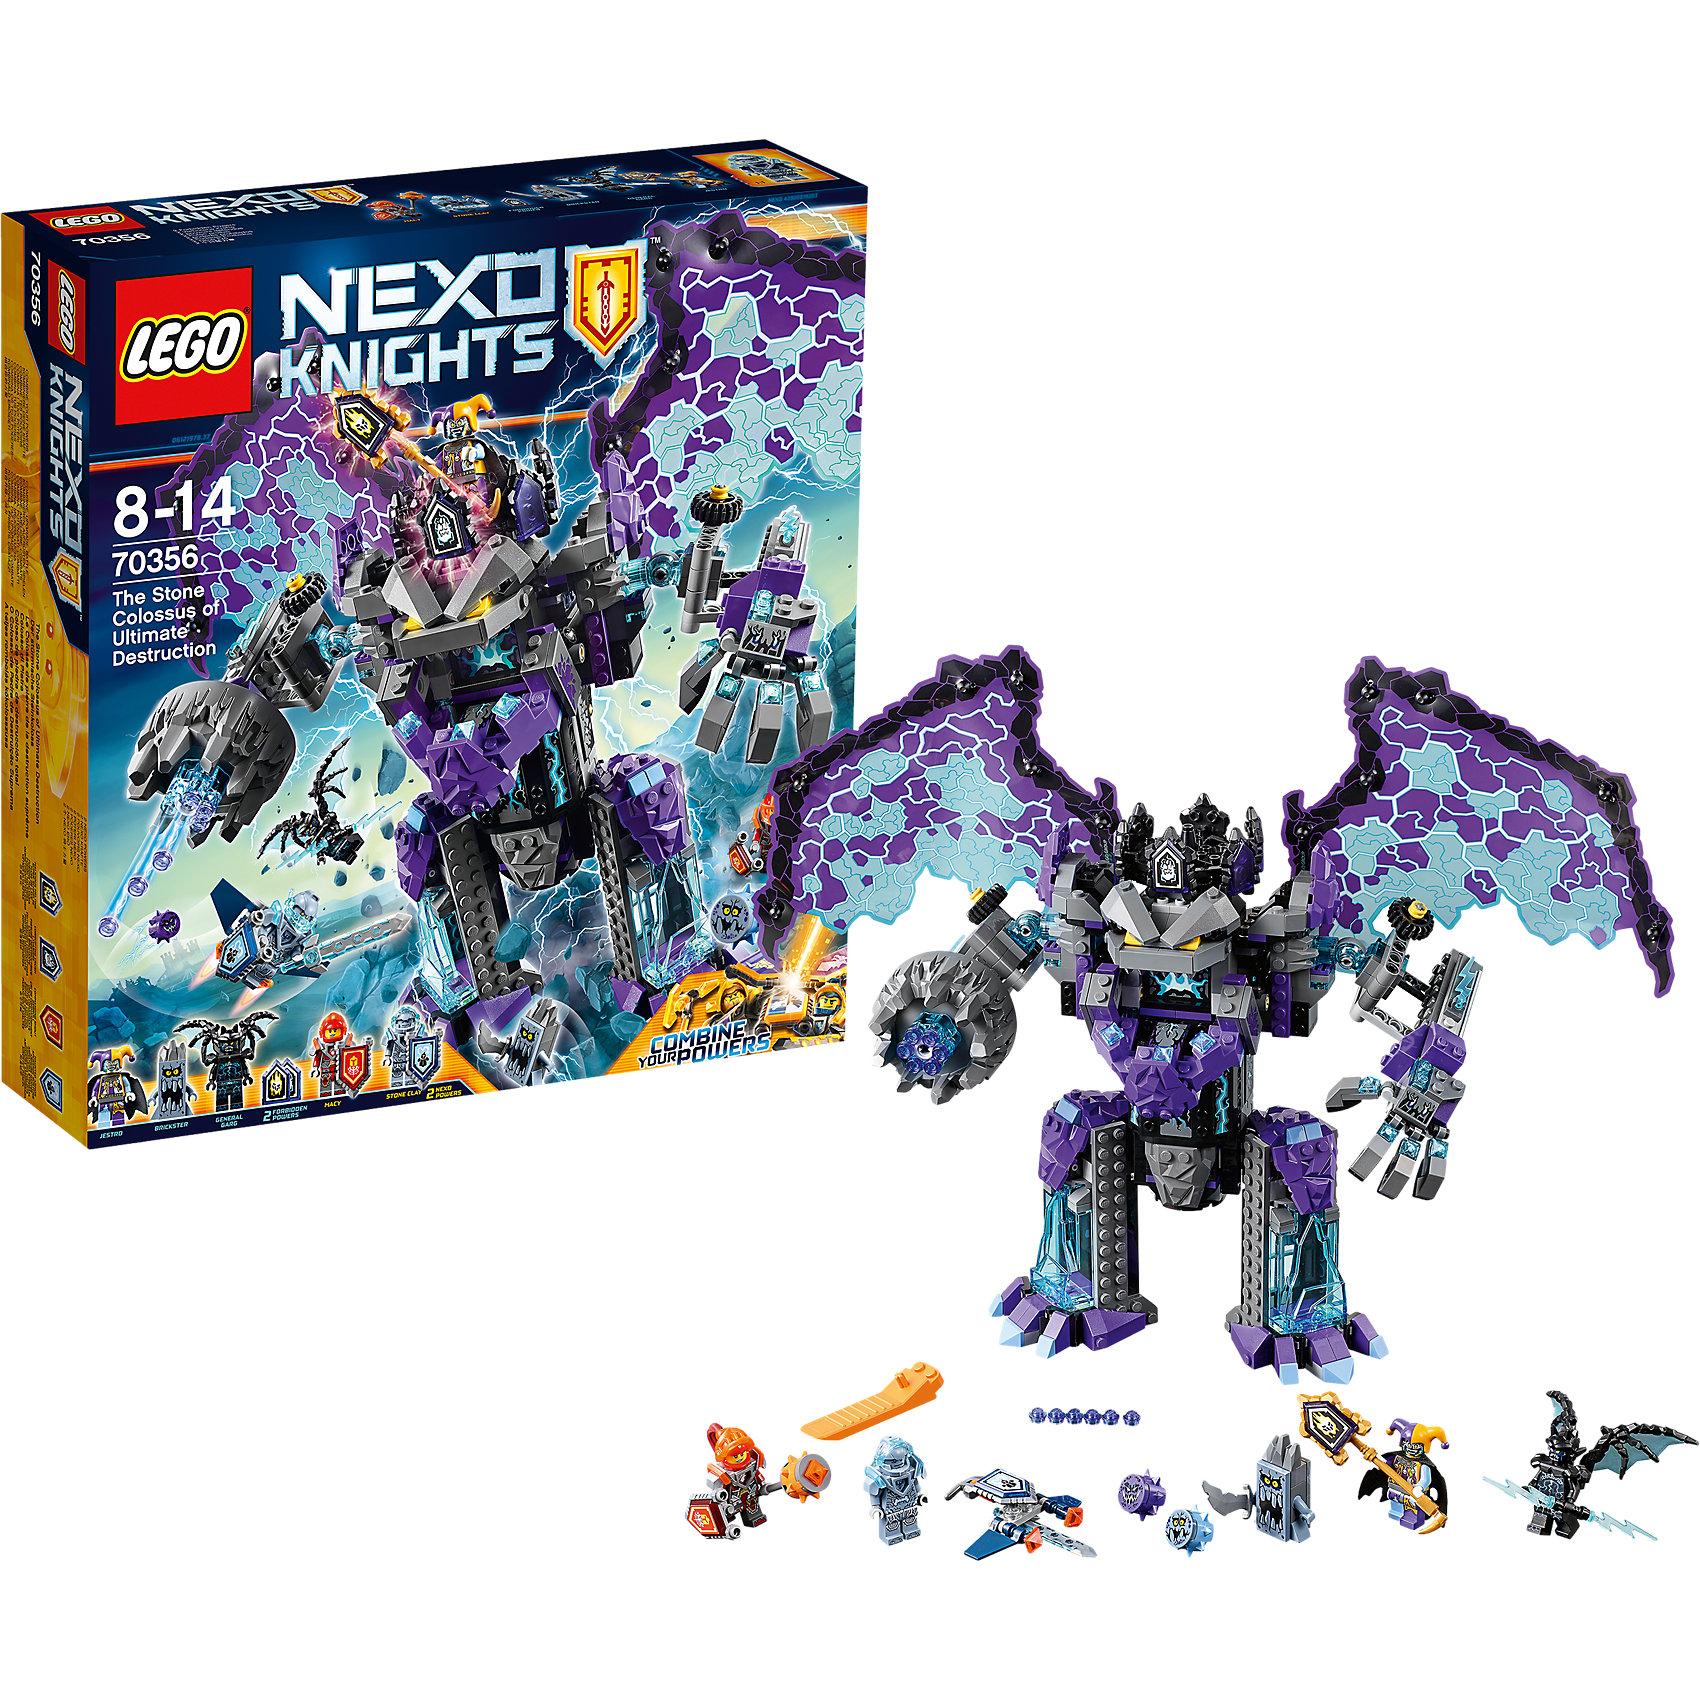 Конструктор Lego Nexo Knights 70356: Каменный великан-разрушительПластмассовые конструкторы<br>Характеристики товара:<br><br>• возраст: от 8 лет;<br>• материал: пластик;<br>• в комплекте: 785 деталей;<br>• количество минифигурок: 5<br>• размер упаковки: 35,4х37,8х9,4 см;<br>• вес упаковки: 1,21 кг;<br>• страна производитель: Китай.<br><br>Конструктор Lego Nexo Knights «Каменный великан-разрушитель» входит в серию Лего Нексо Найтс, которая повествует о королевстве Найтония и отважных рыцарях Нексо. Шут Джестро решил захватить трон королевства и создал армию Каменных монстров. Он управляет большим летающим монстром, стреляющим шипами. Отважные Клэй и Аксель противостоят сопернику.<br><br>Из элементов конструктора предстоит собрать 5 фигурок персонажей, монстра. С ними дети могут придумывать свои захватывающие сюжеты для игры. В набор также включены 2 нексо-силы, которые можно отсканировать через приложение и играть в игру. Сборка конструктора развивает у ребенка логическое мышление, моторику рук, усидчивость.<br><br>Конструктор Lego Nexo Knights «Каменный великан-разрушитель» можно приобрести в нашем интернет-магазине.<br><br>Ширина мм: 375<br>Глубина мм: 403<br>Высота мм: 299<br>Вес г: 1208<br>Возраст от месяцев: 96<br>Возраст до месяцев: 2147483647<br>Пол: Мужской<br>Возраст: Детский<br>SKU: 5619990